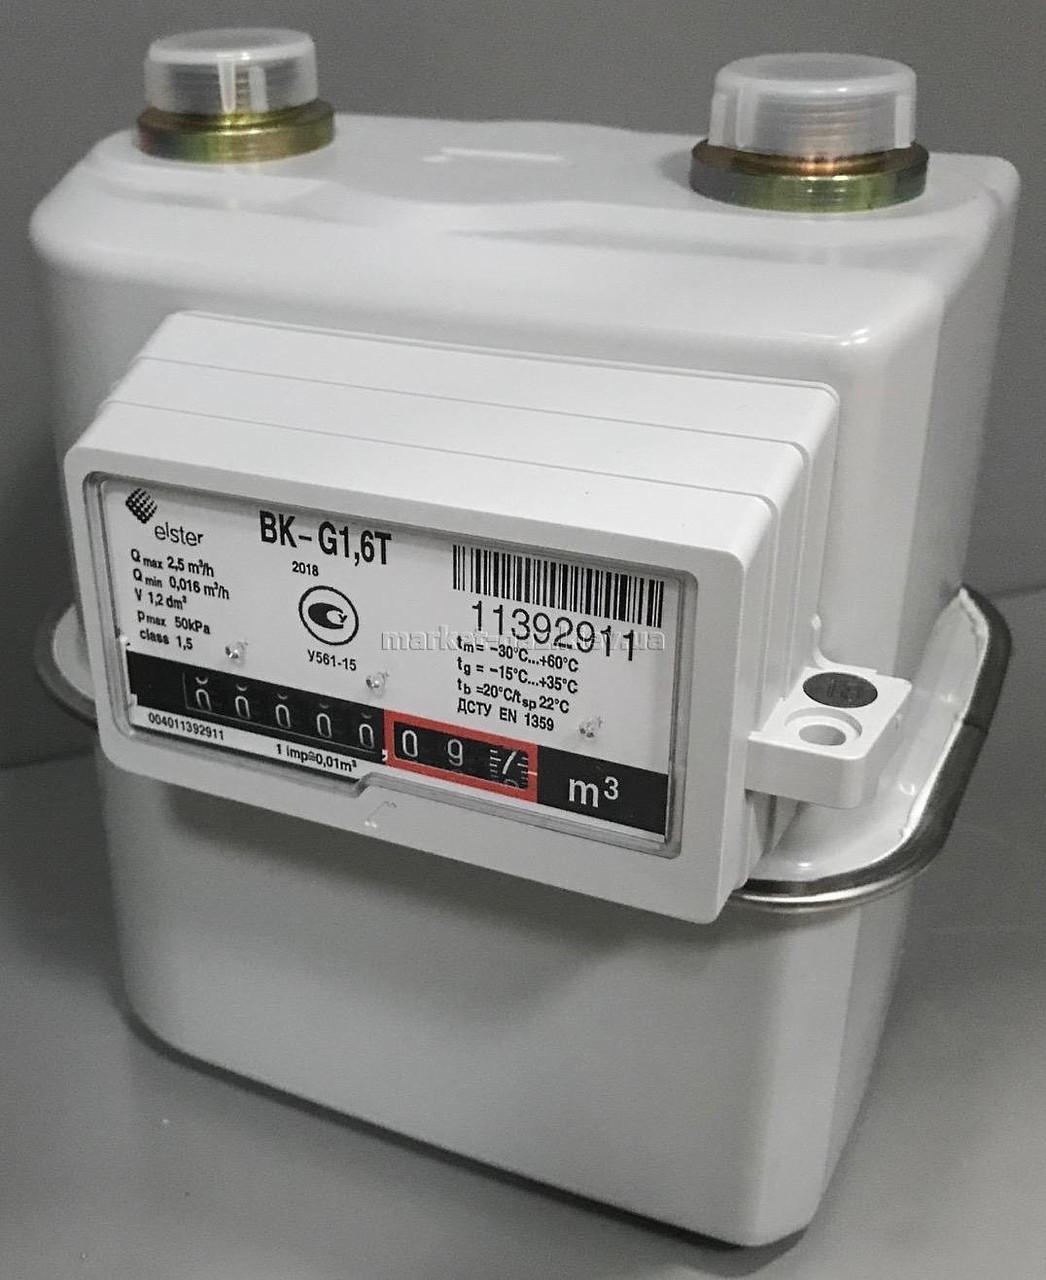 Бытовой газовый счетчик мембранный ELSTER BK G-1,6T